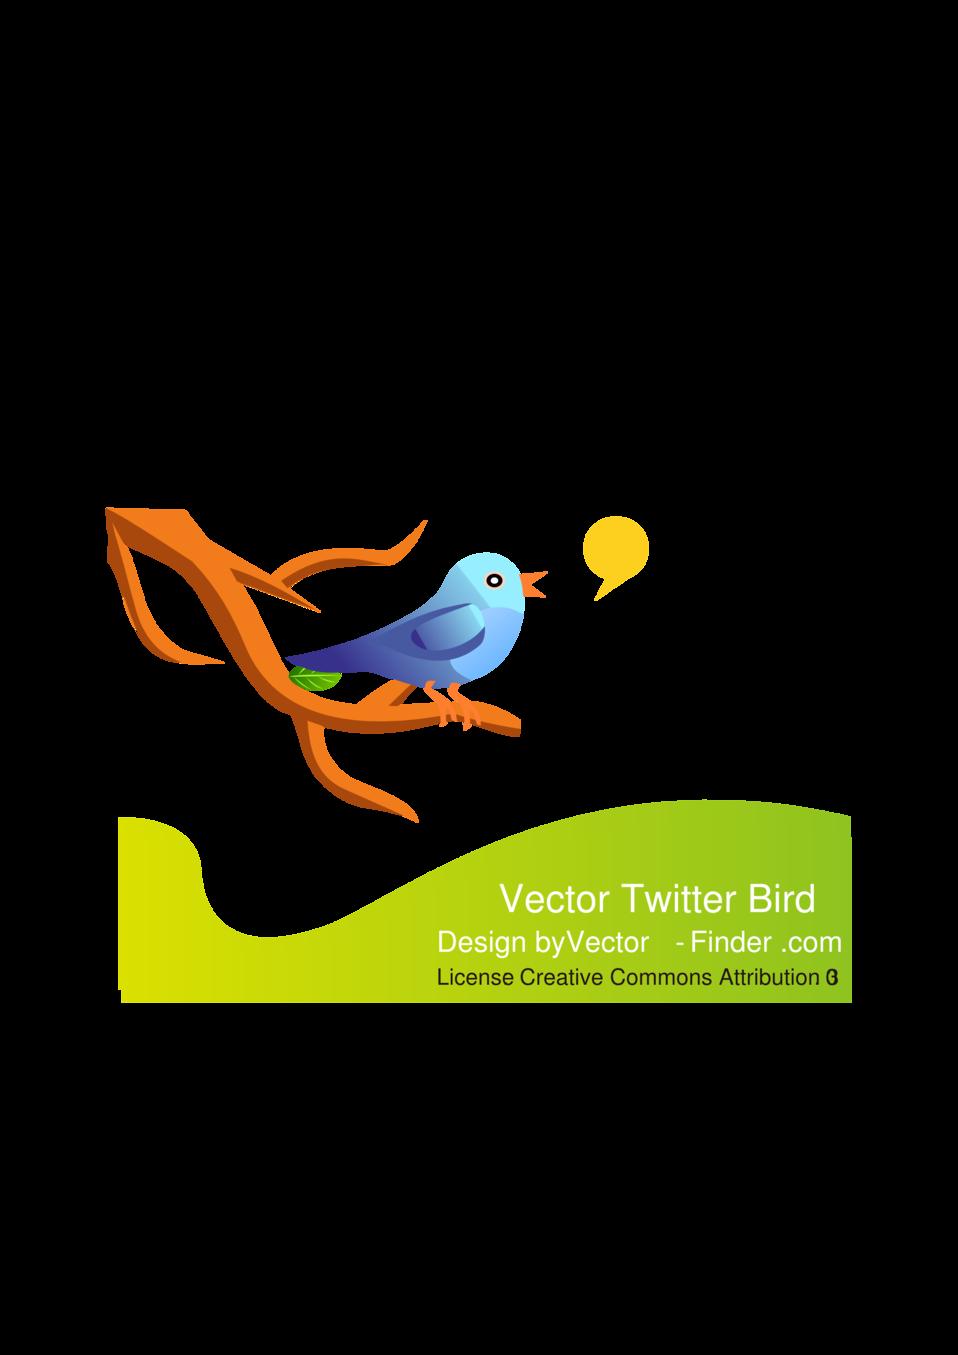 Free Vector Tweeting Bird